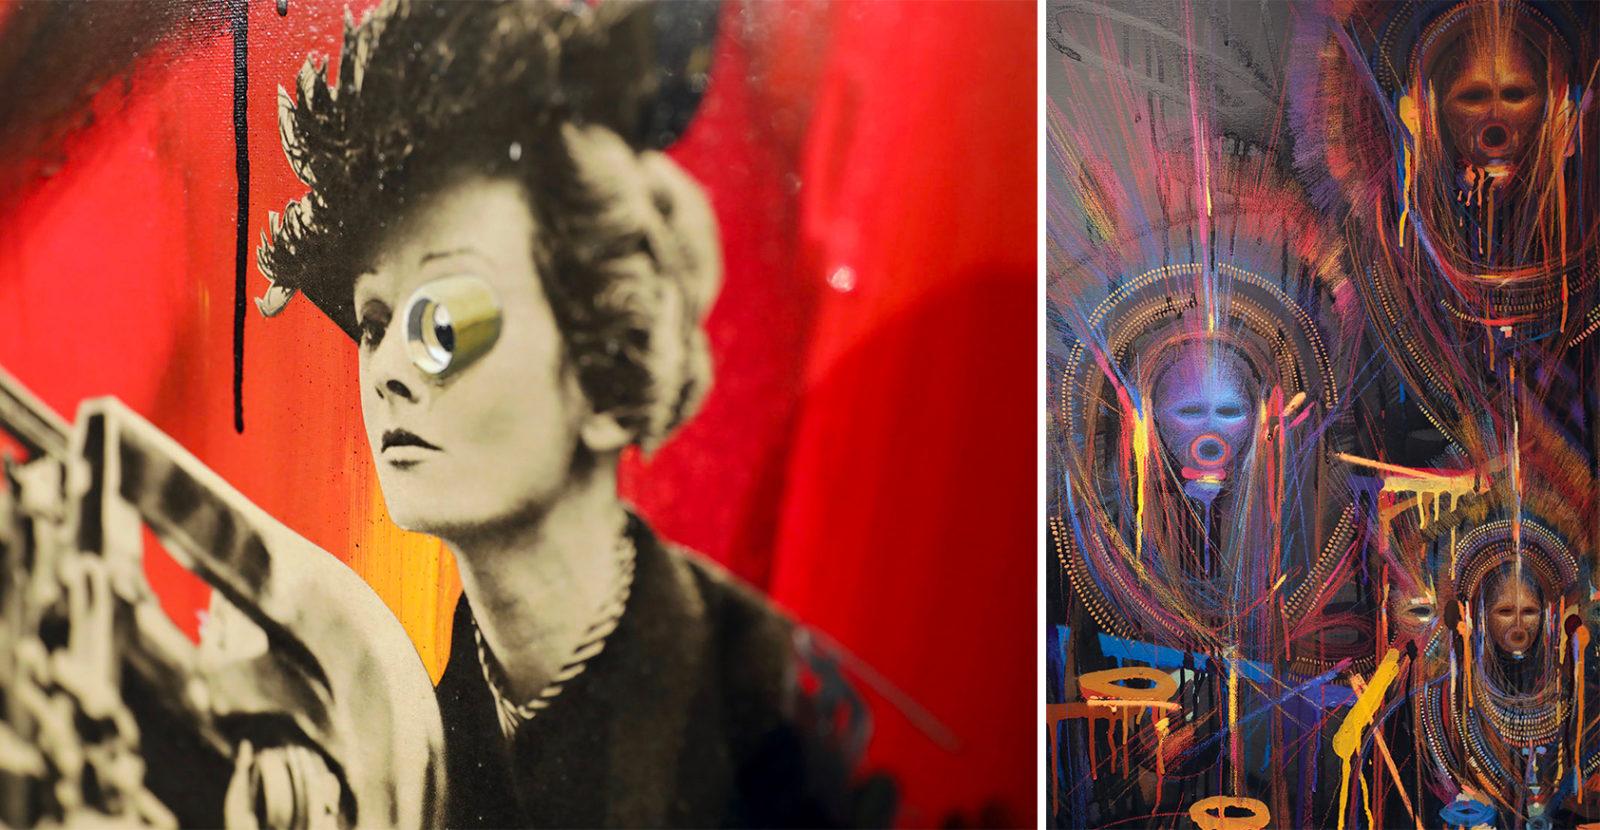 La Le Art Atypique 9e Concept Street Molitor Villa Du Collectif Expose nv8wOmNy0